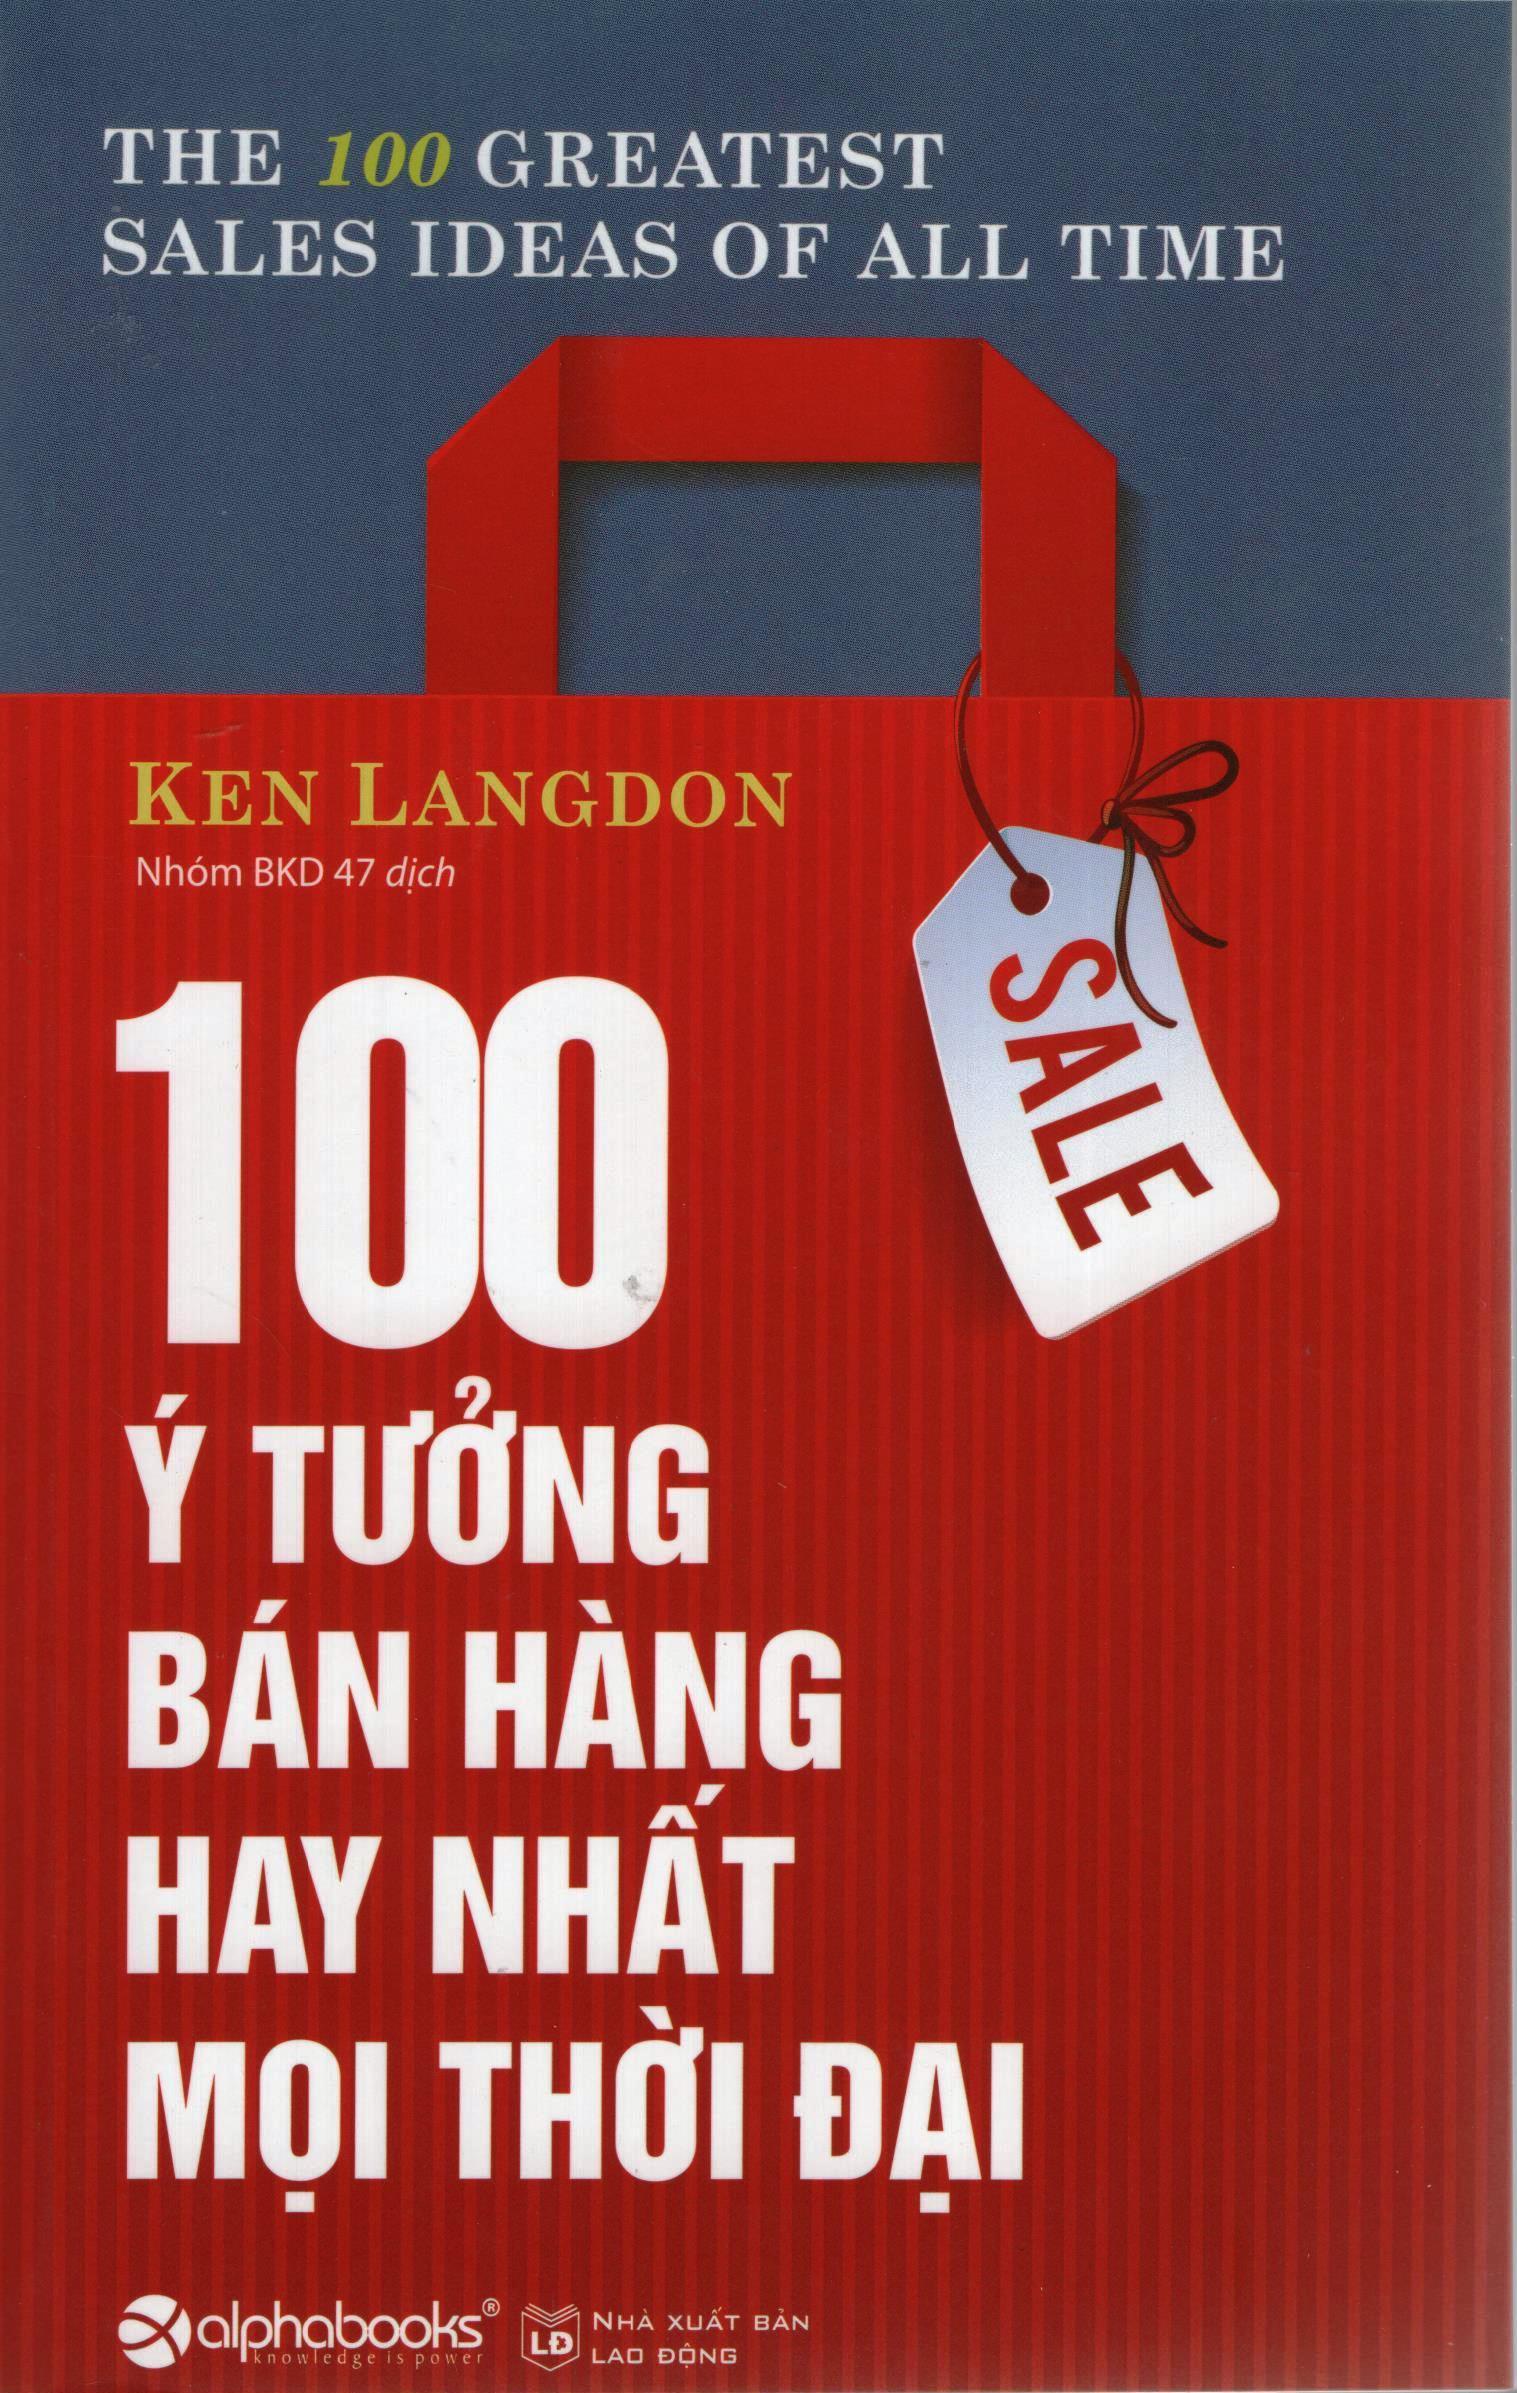 Bìa sách 100 Ý Tưởng Bán Hàng Hay Nhất Mọi Thời Đại (Tái Bản 2016)